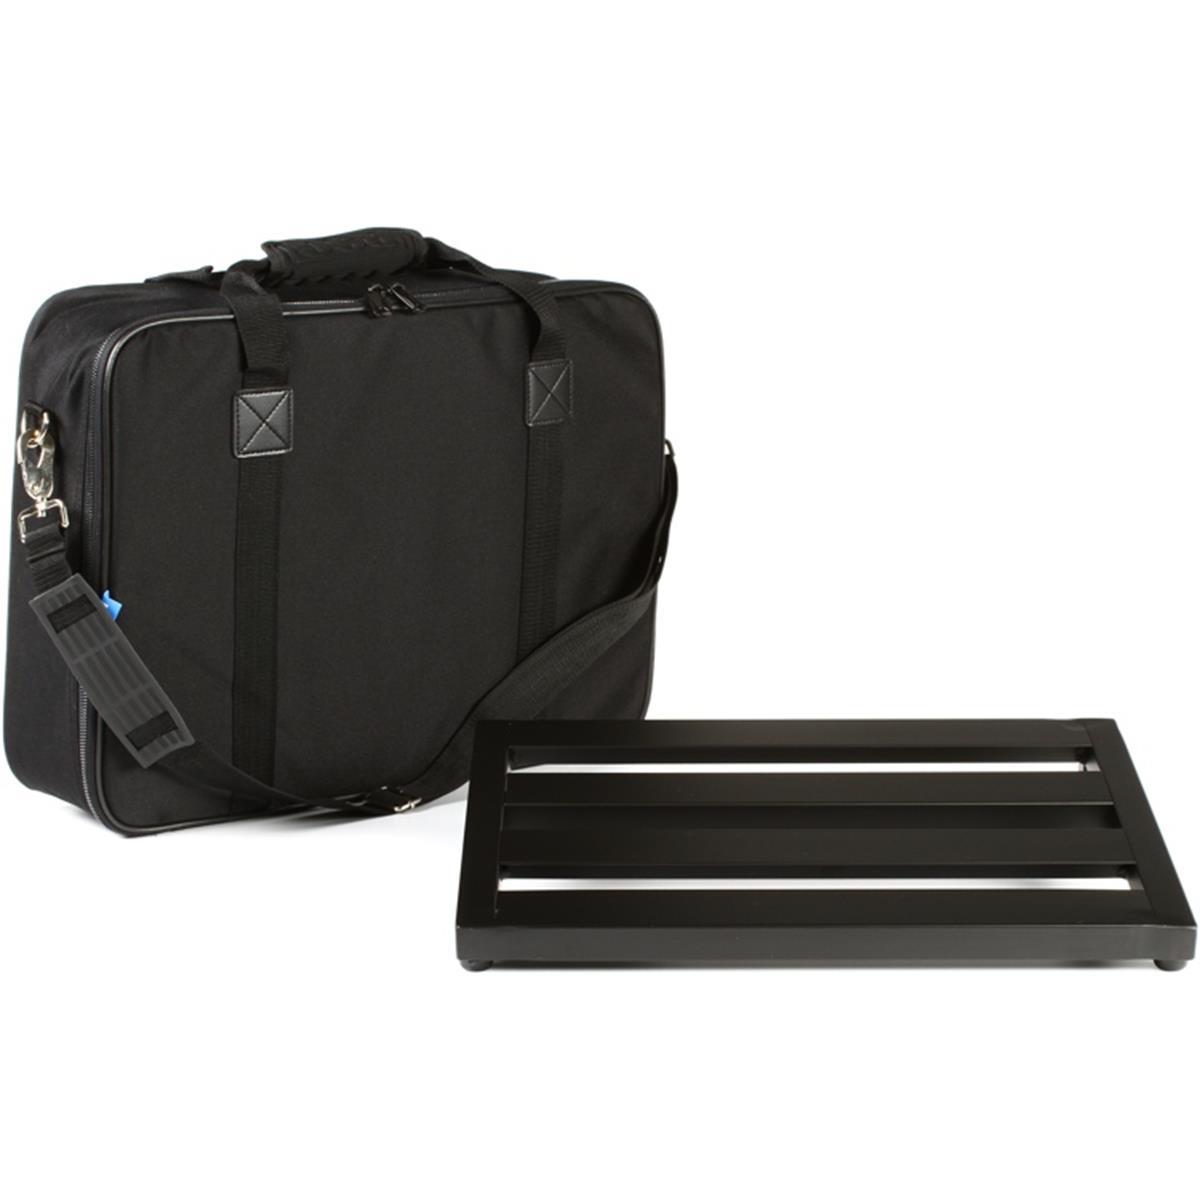 PEDALTRAIN-CLASSIC-JUNIOR-SOFT-CASE-BAG-pedal-board-sku-15426